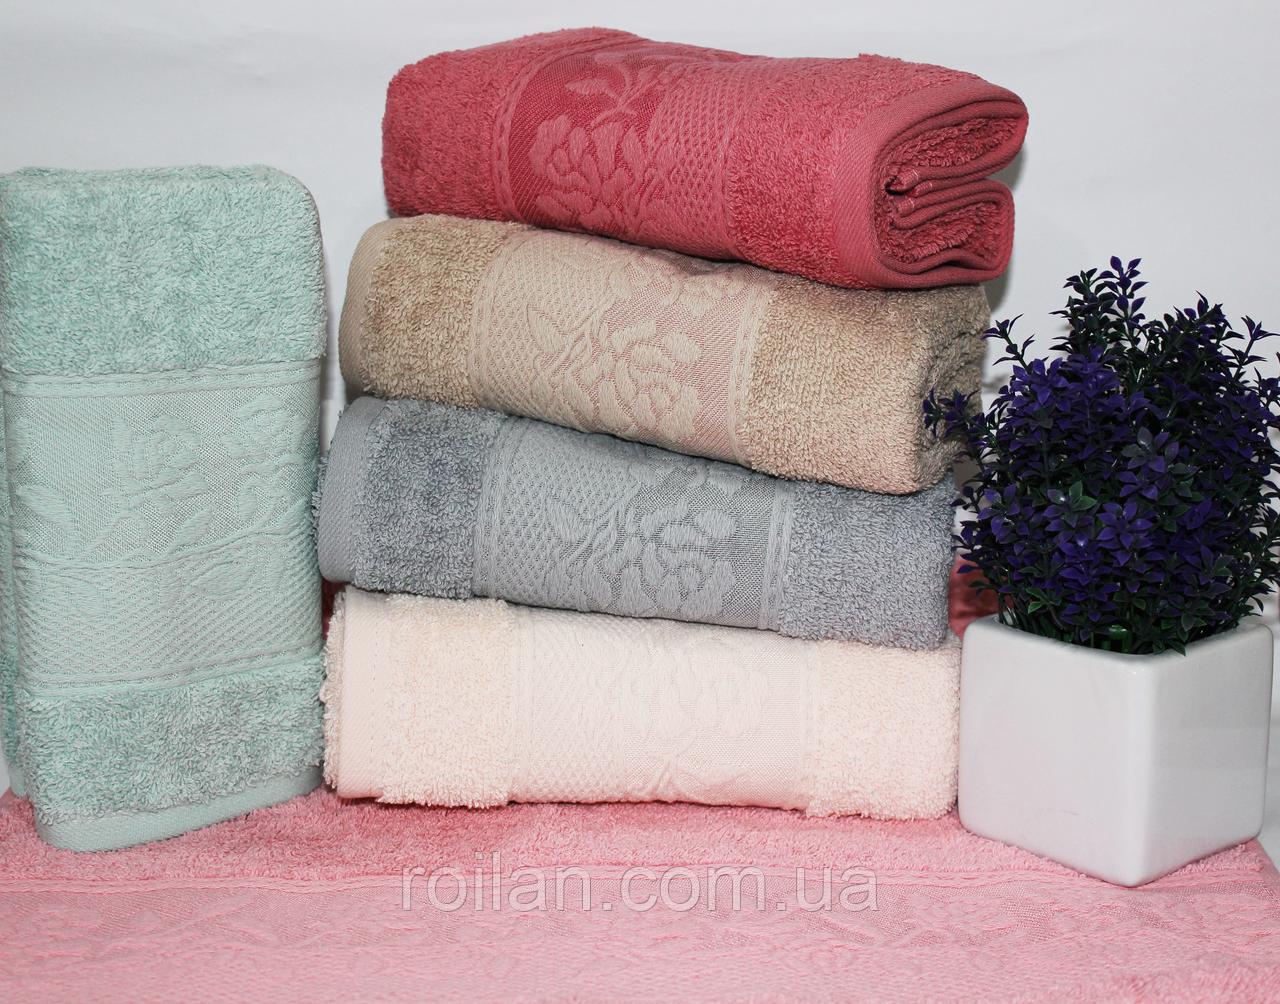 Метровые турецкие полотенца Тесненая Роза